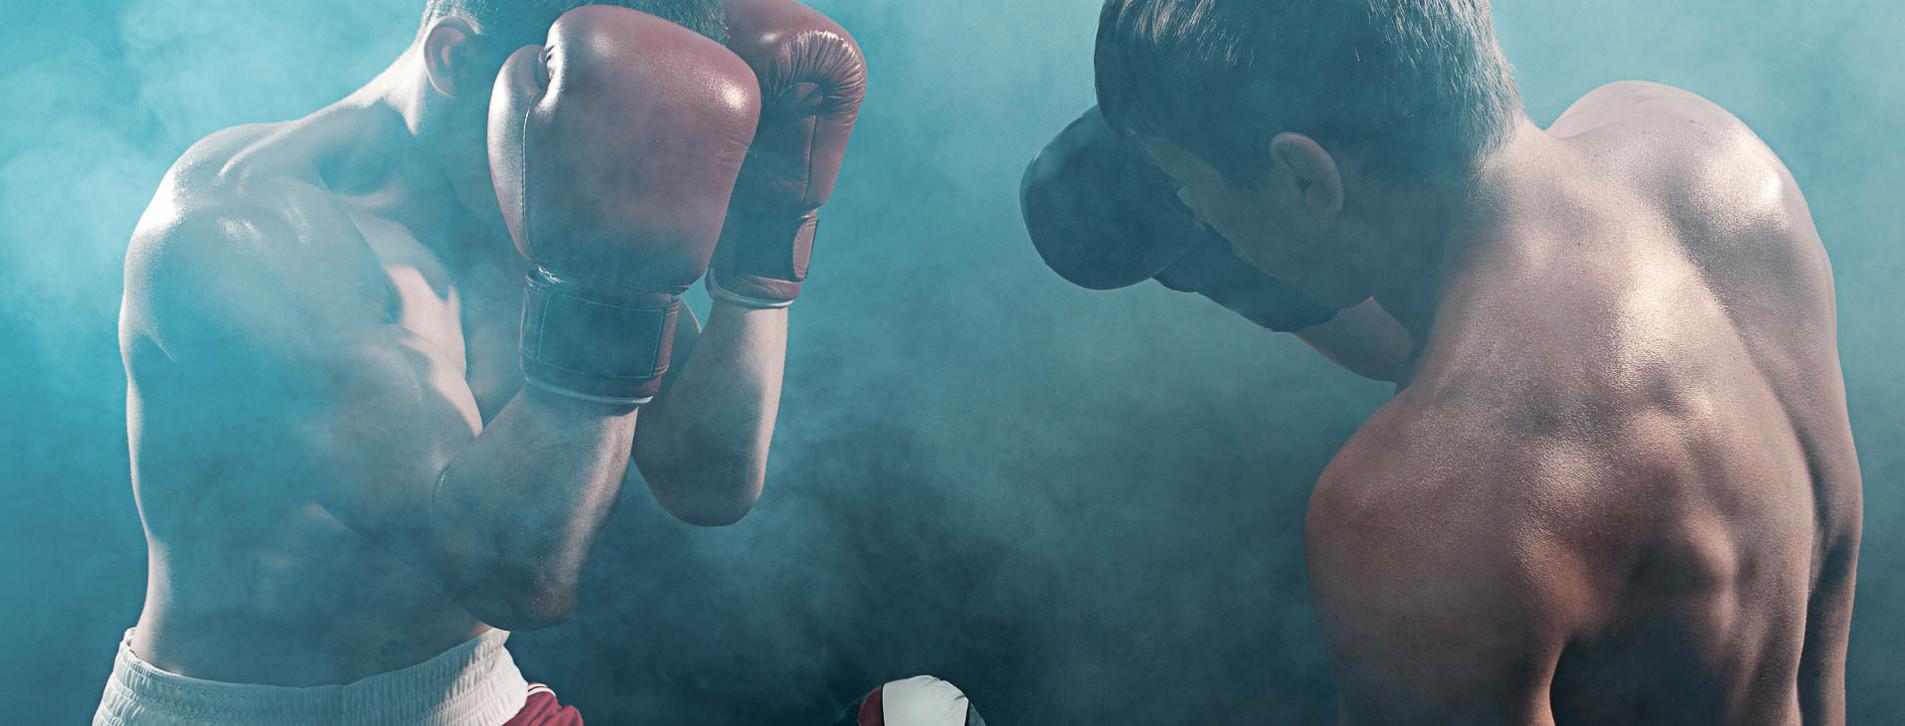 Фото - Майстер-клас боксу для двох